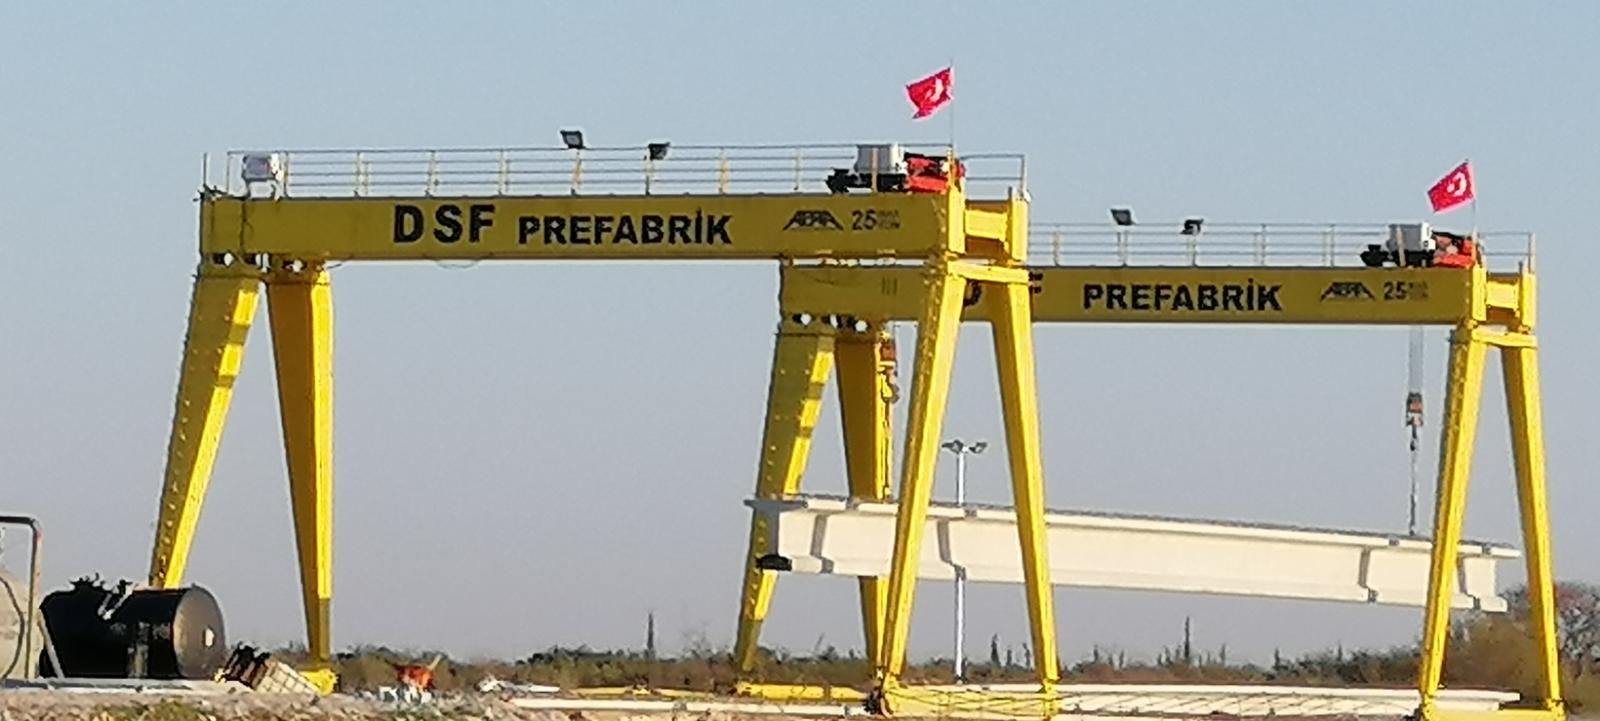 DSF Prefabrik Beton Yapı Elemanları